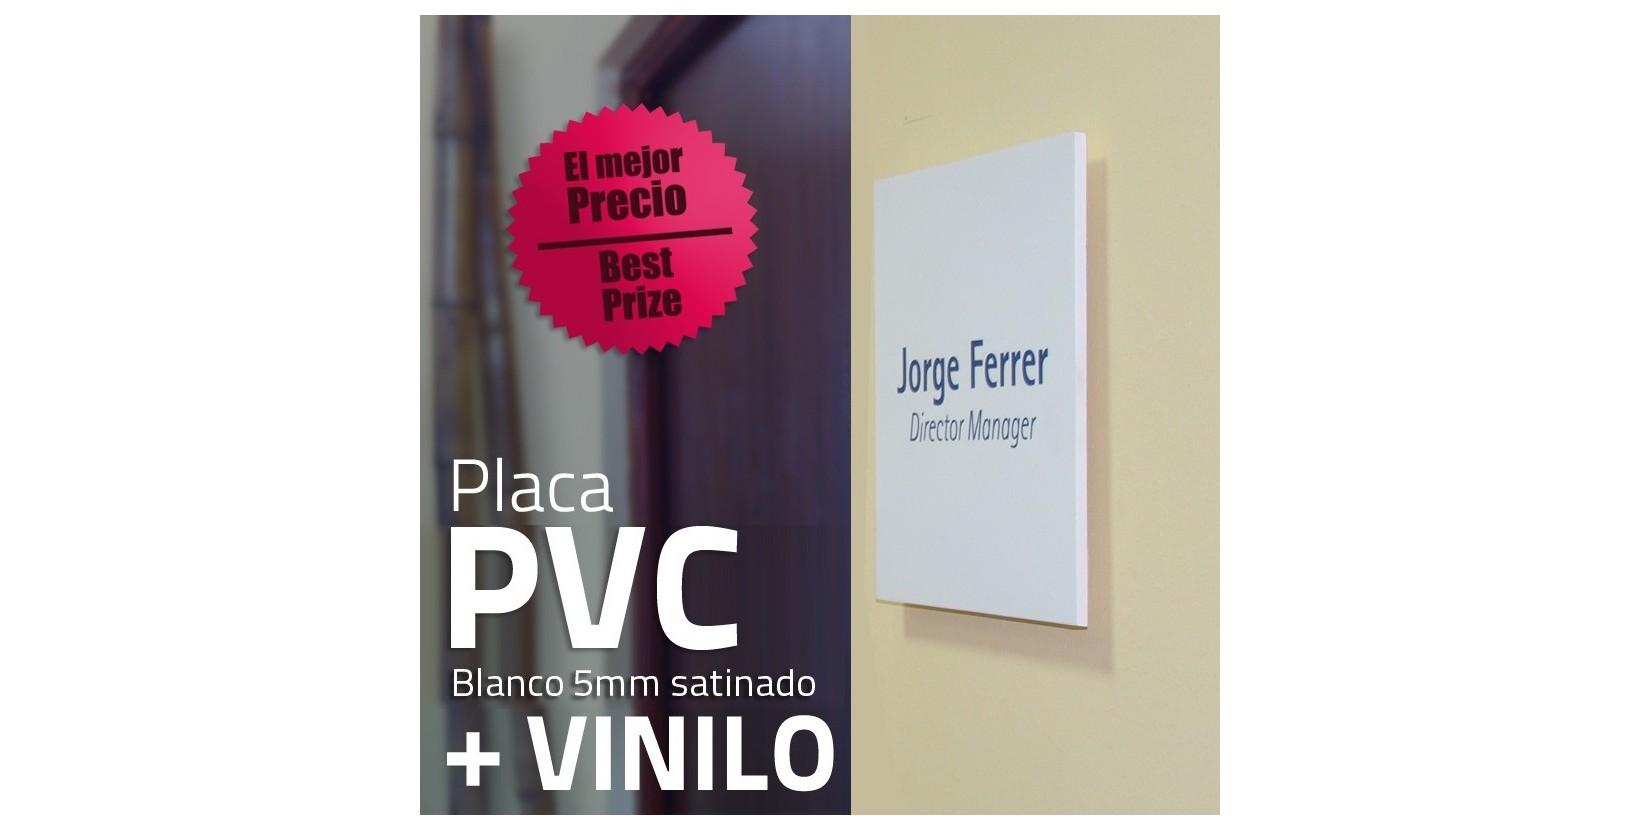 Placa pvc vinilo for Placas pvc para paredes